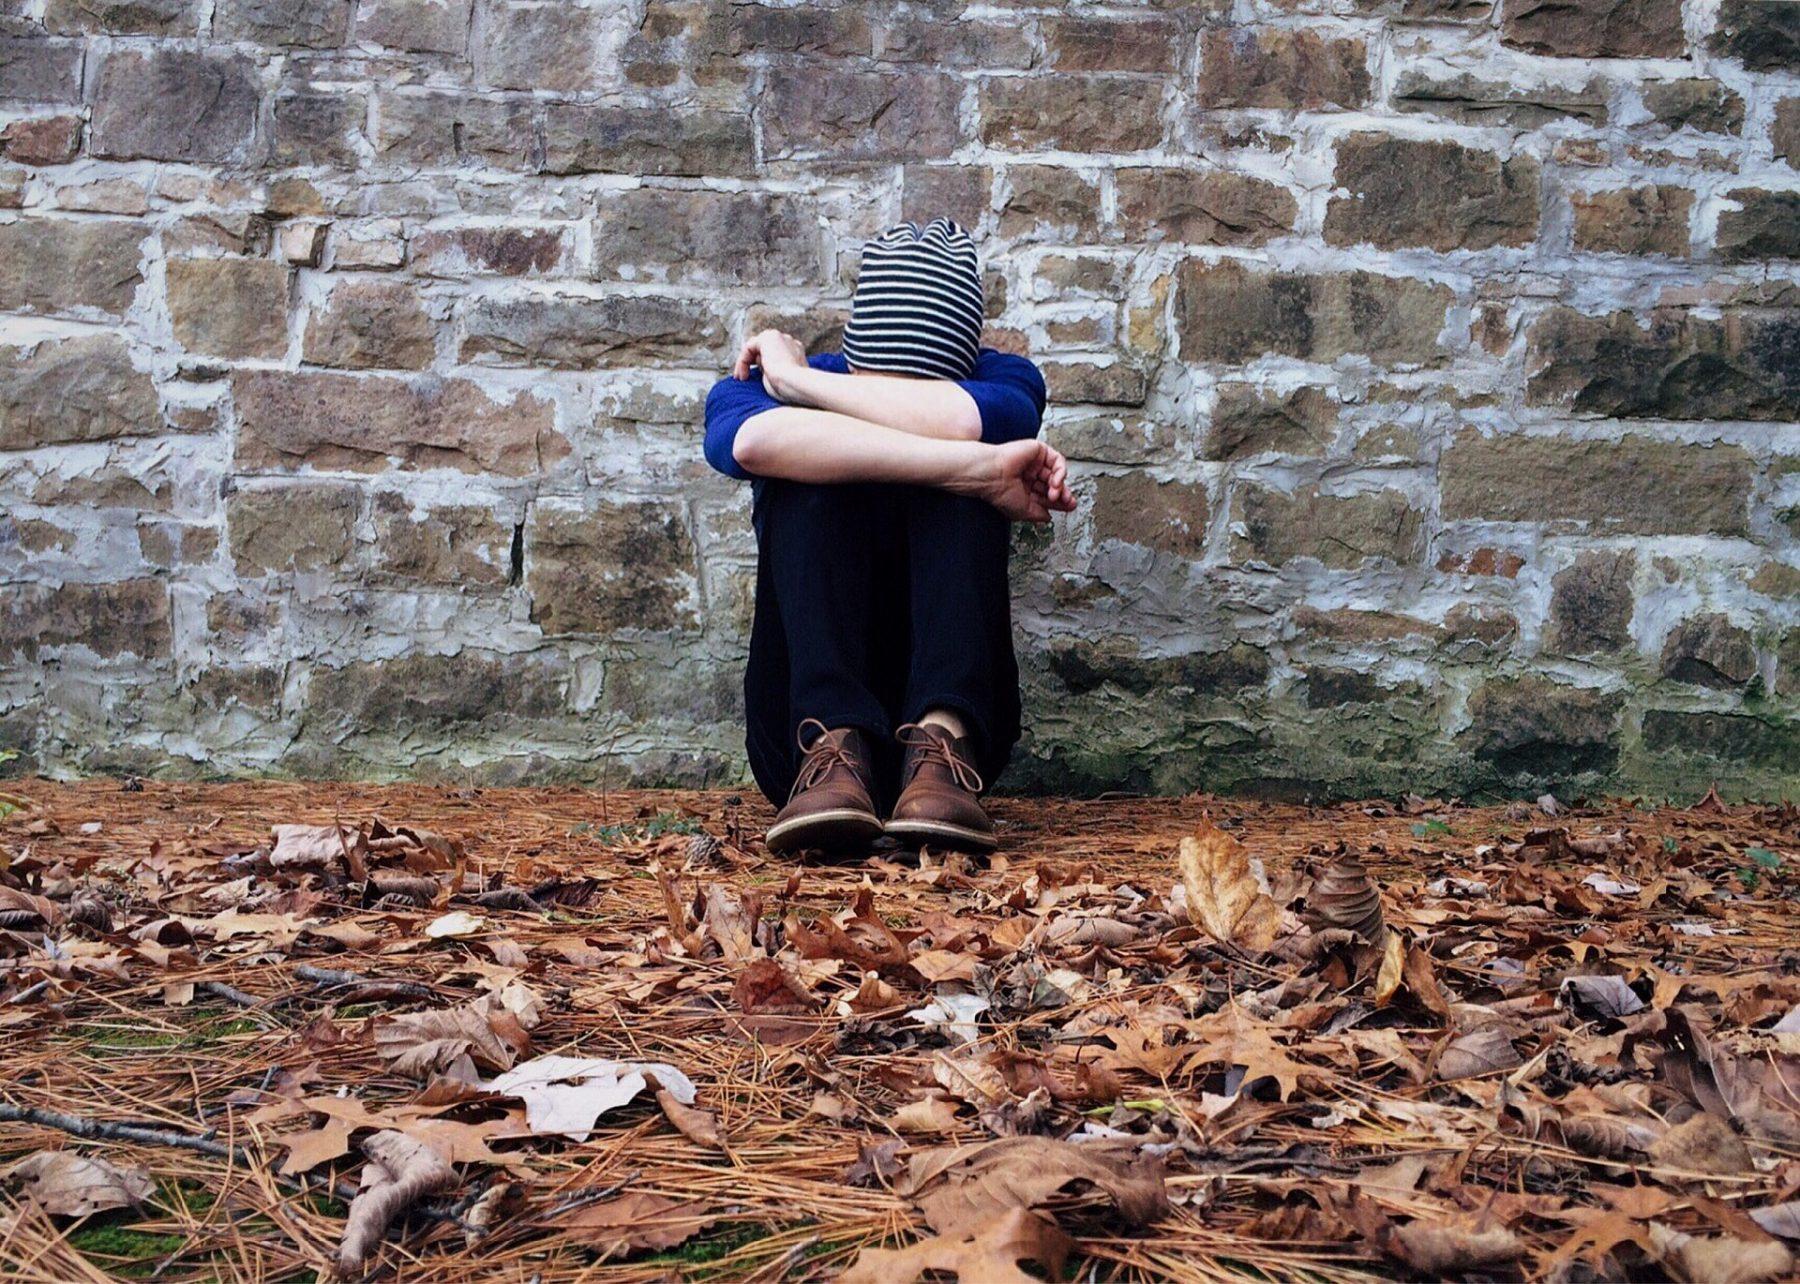 Psychische problemen onder jongeren nemen toe en worden ernstiger